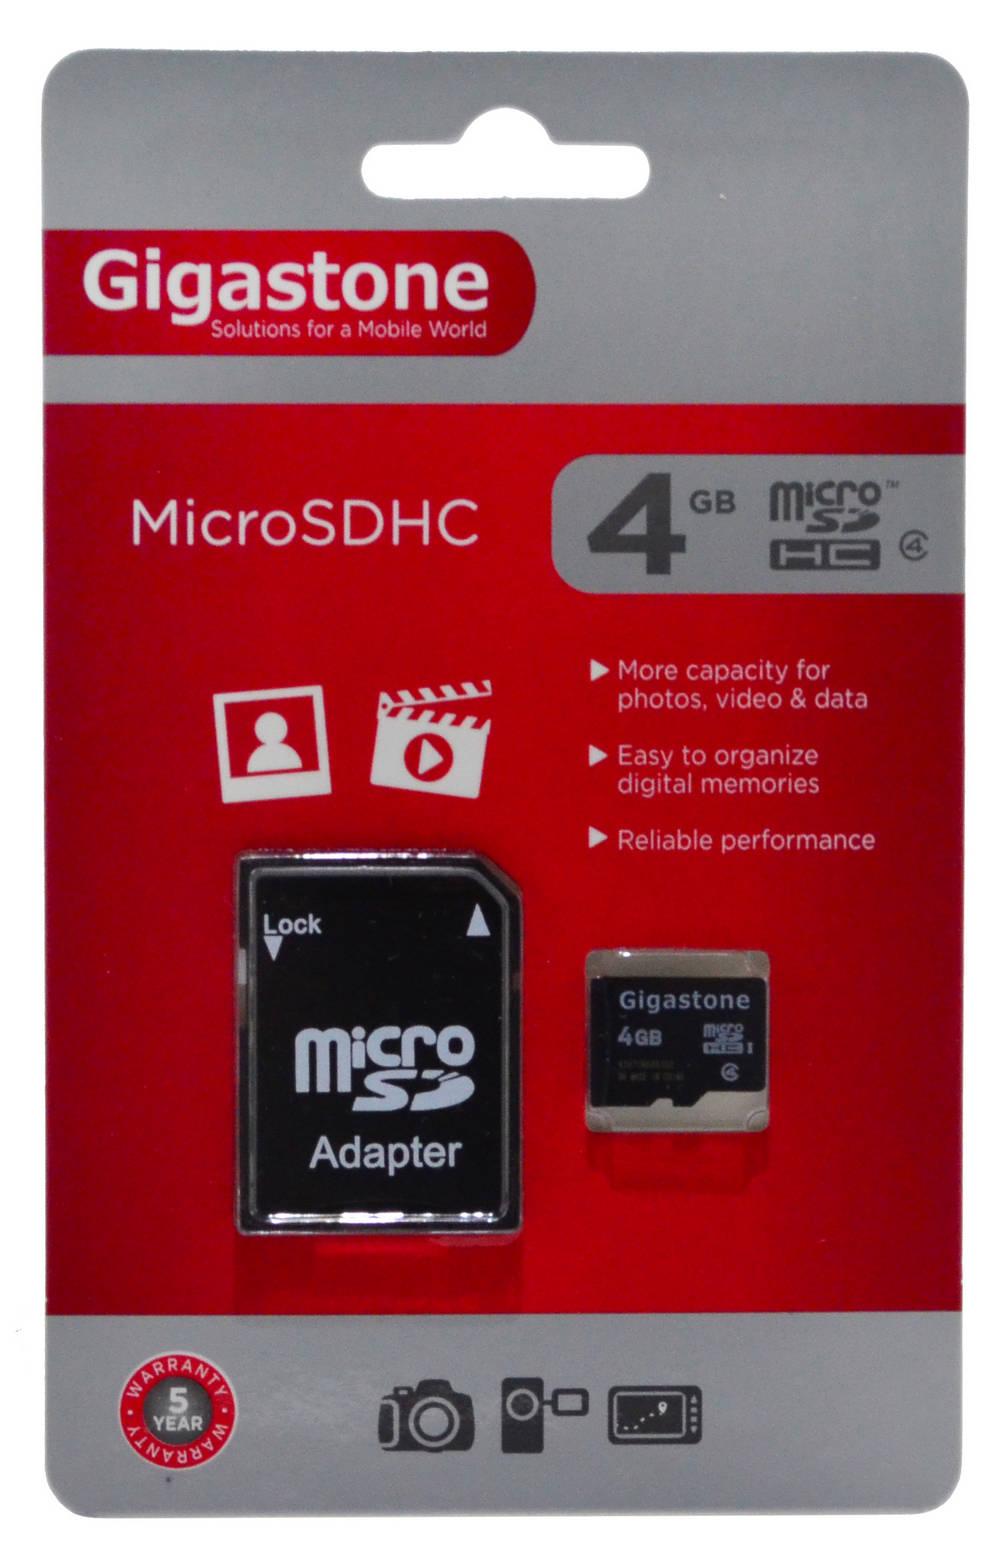 Κάρτα Μνήμης Gigastone MicroSDHC 4GB Class 4 με SD Αντάπτορα